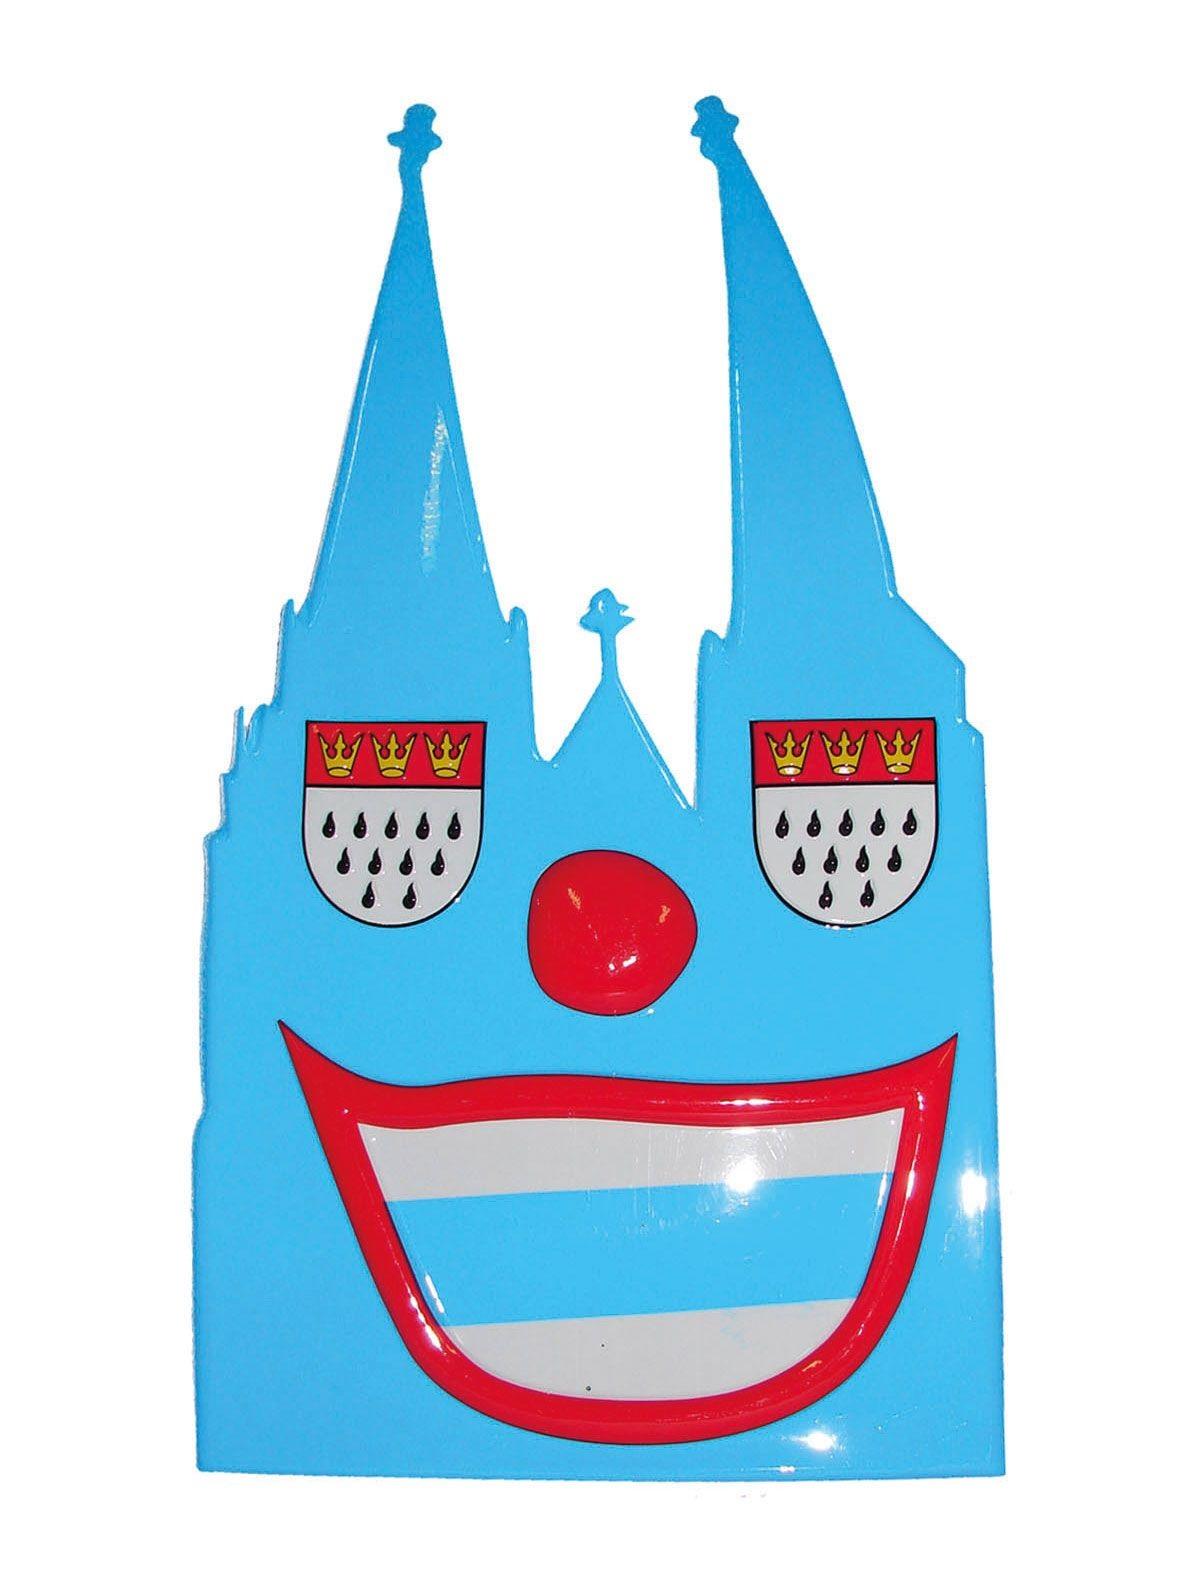 Karnevalsparty Wanddeko Köln 25 cm